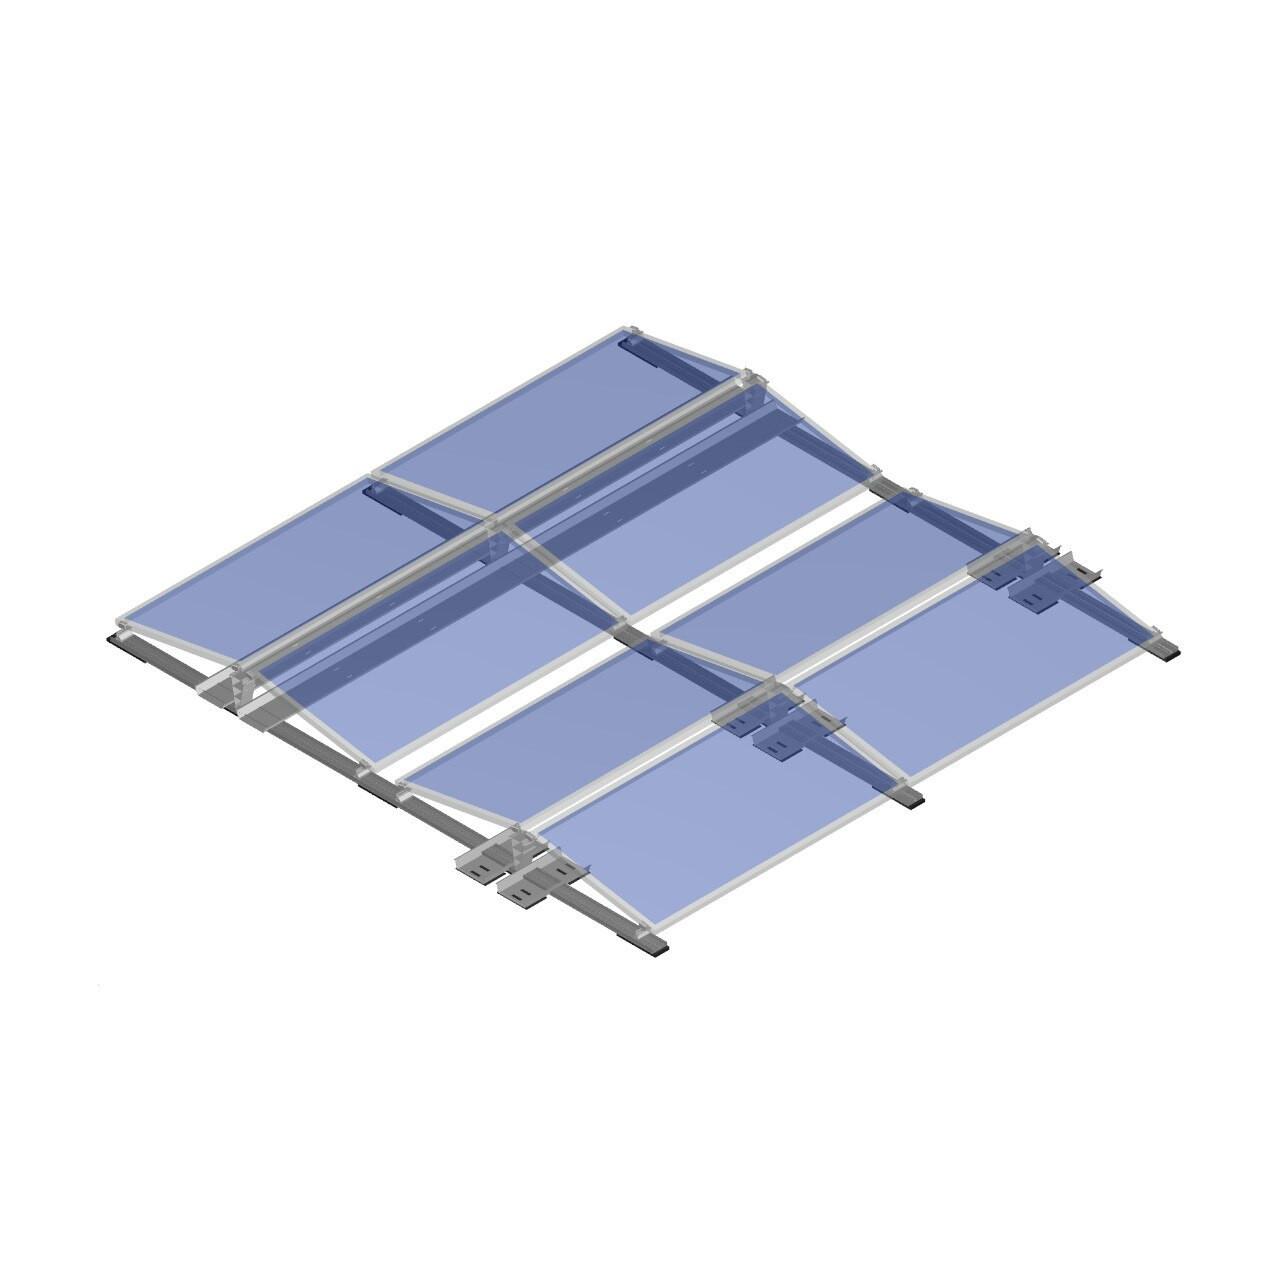 FixGrid10 - East-West - Transparent Panels